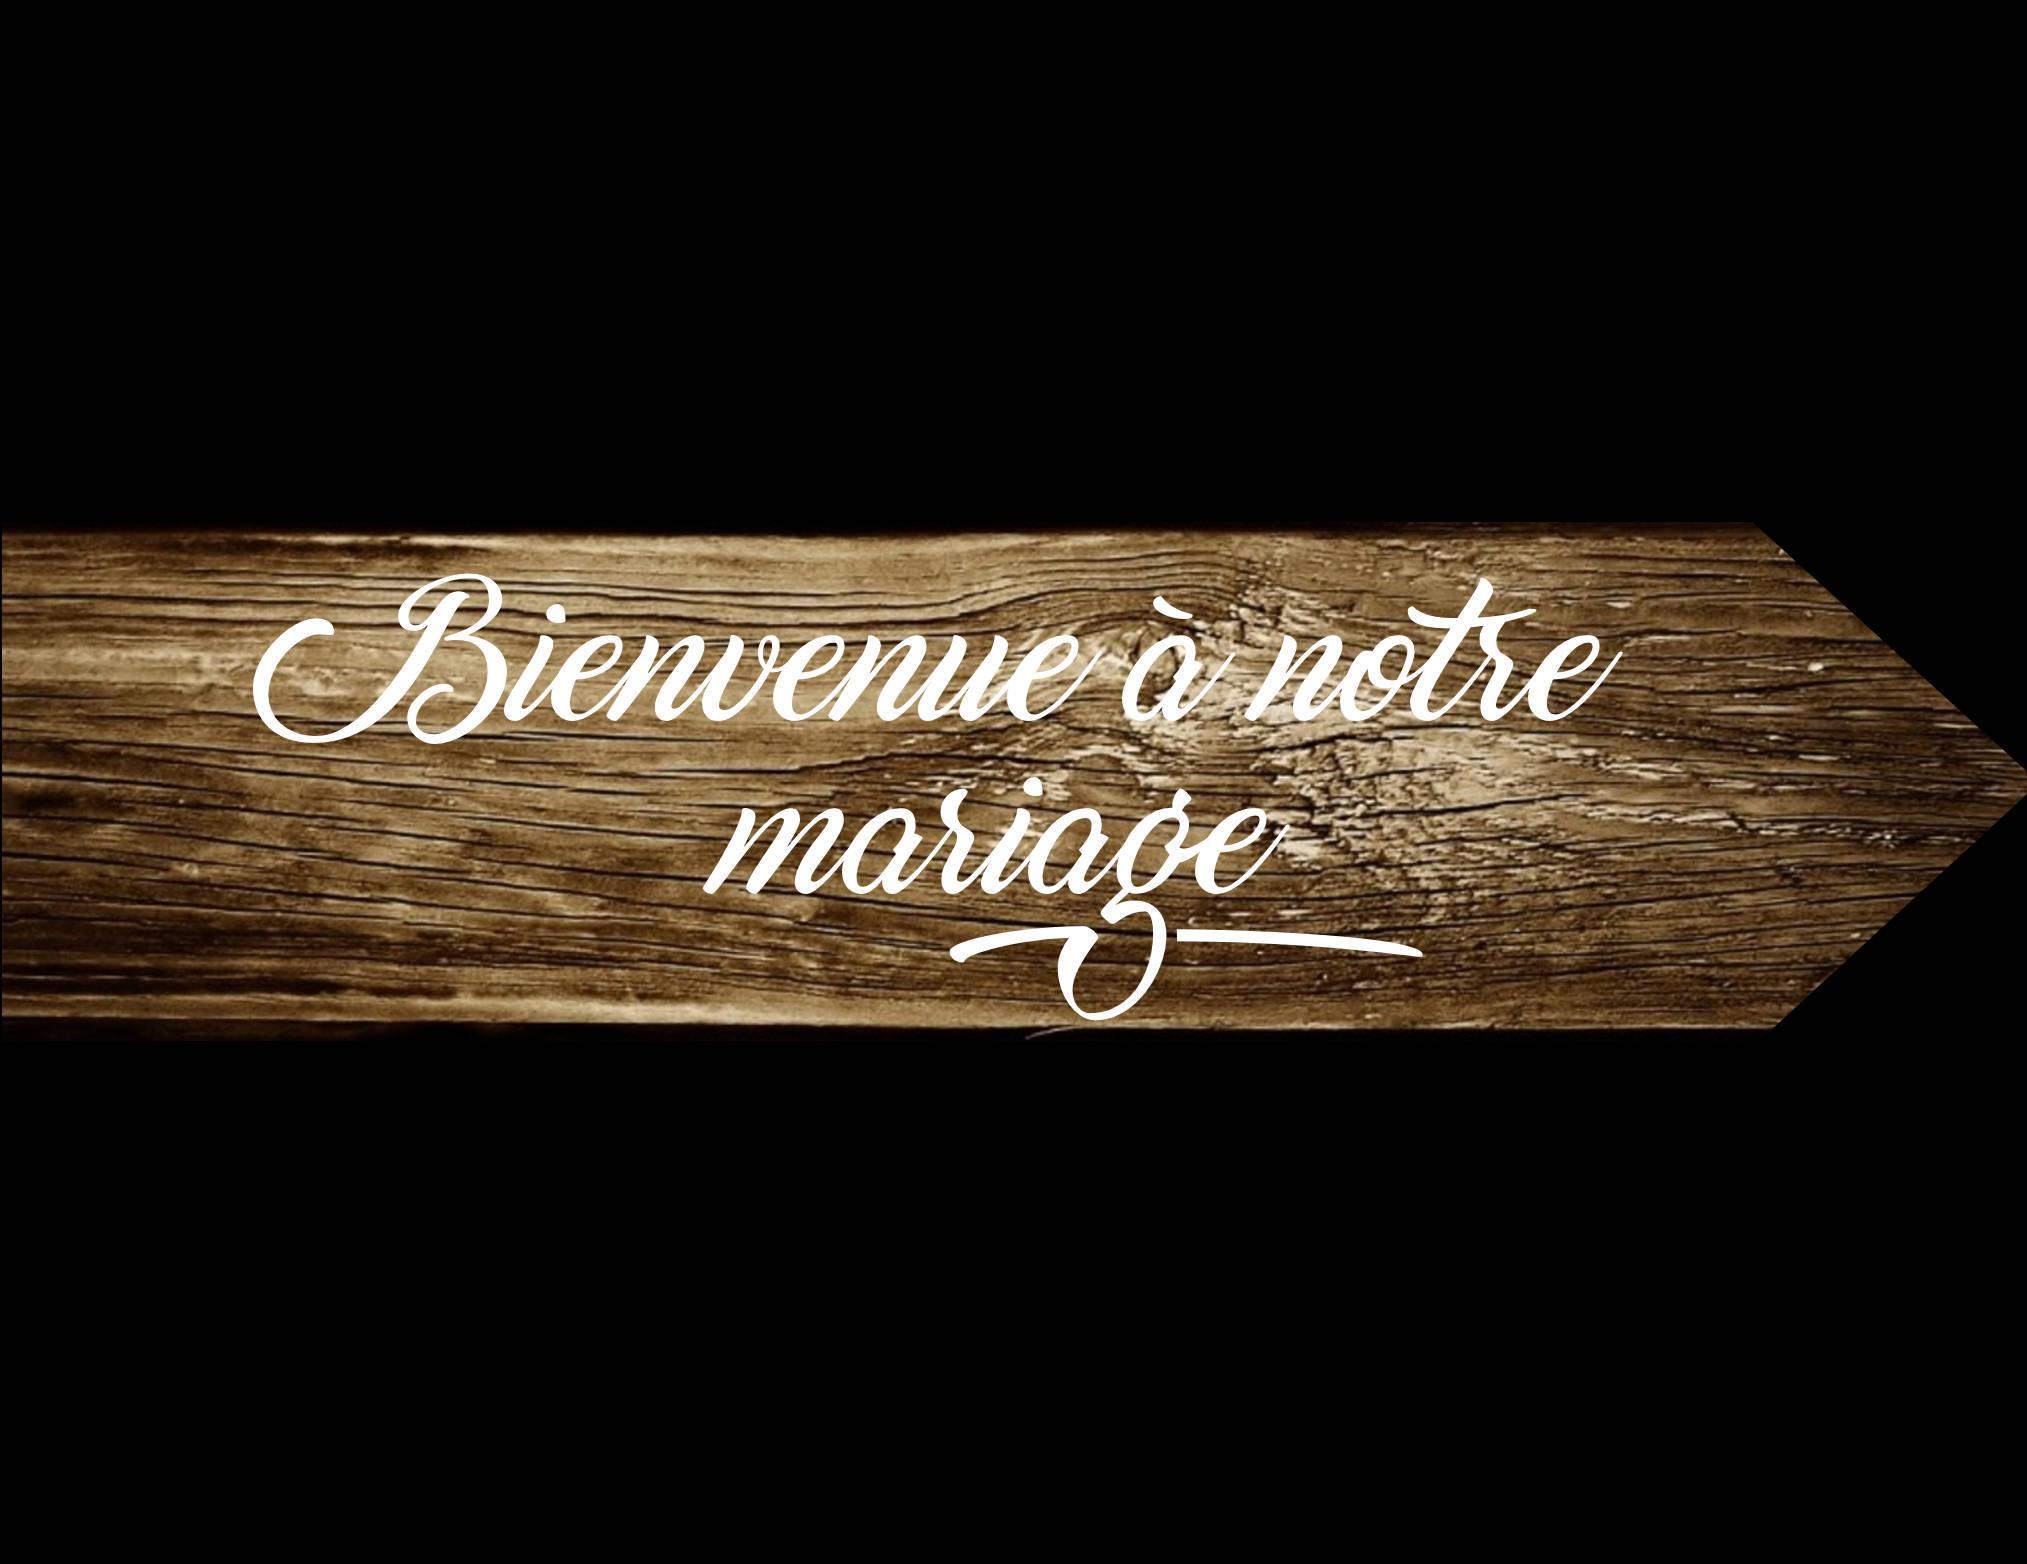 Pancarte directionnel Bienvenue à notre mariage, panneau flèche, bois de palette, peint à la main